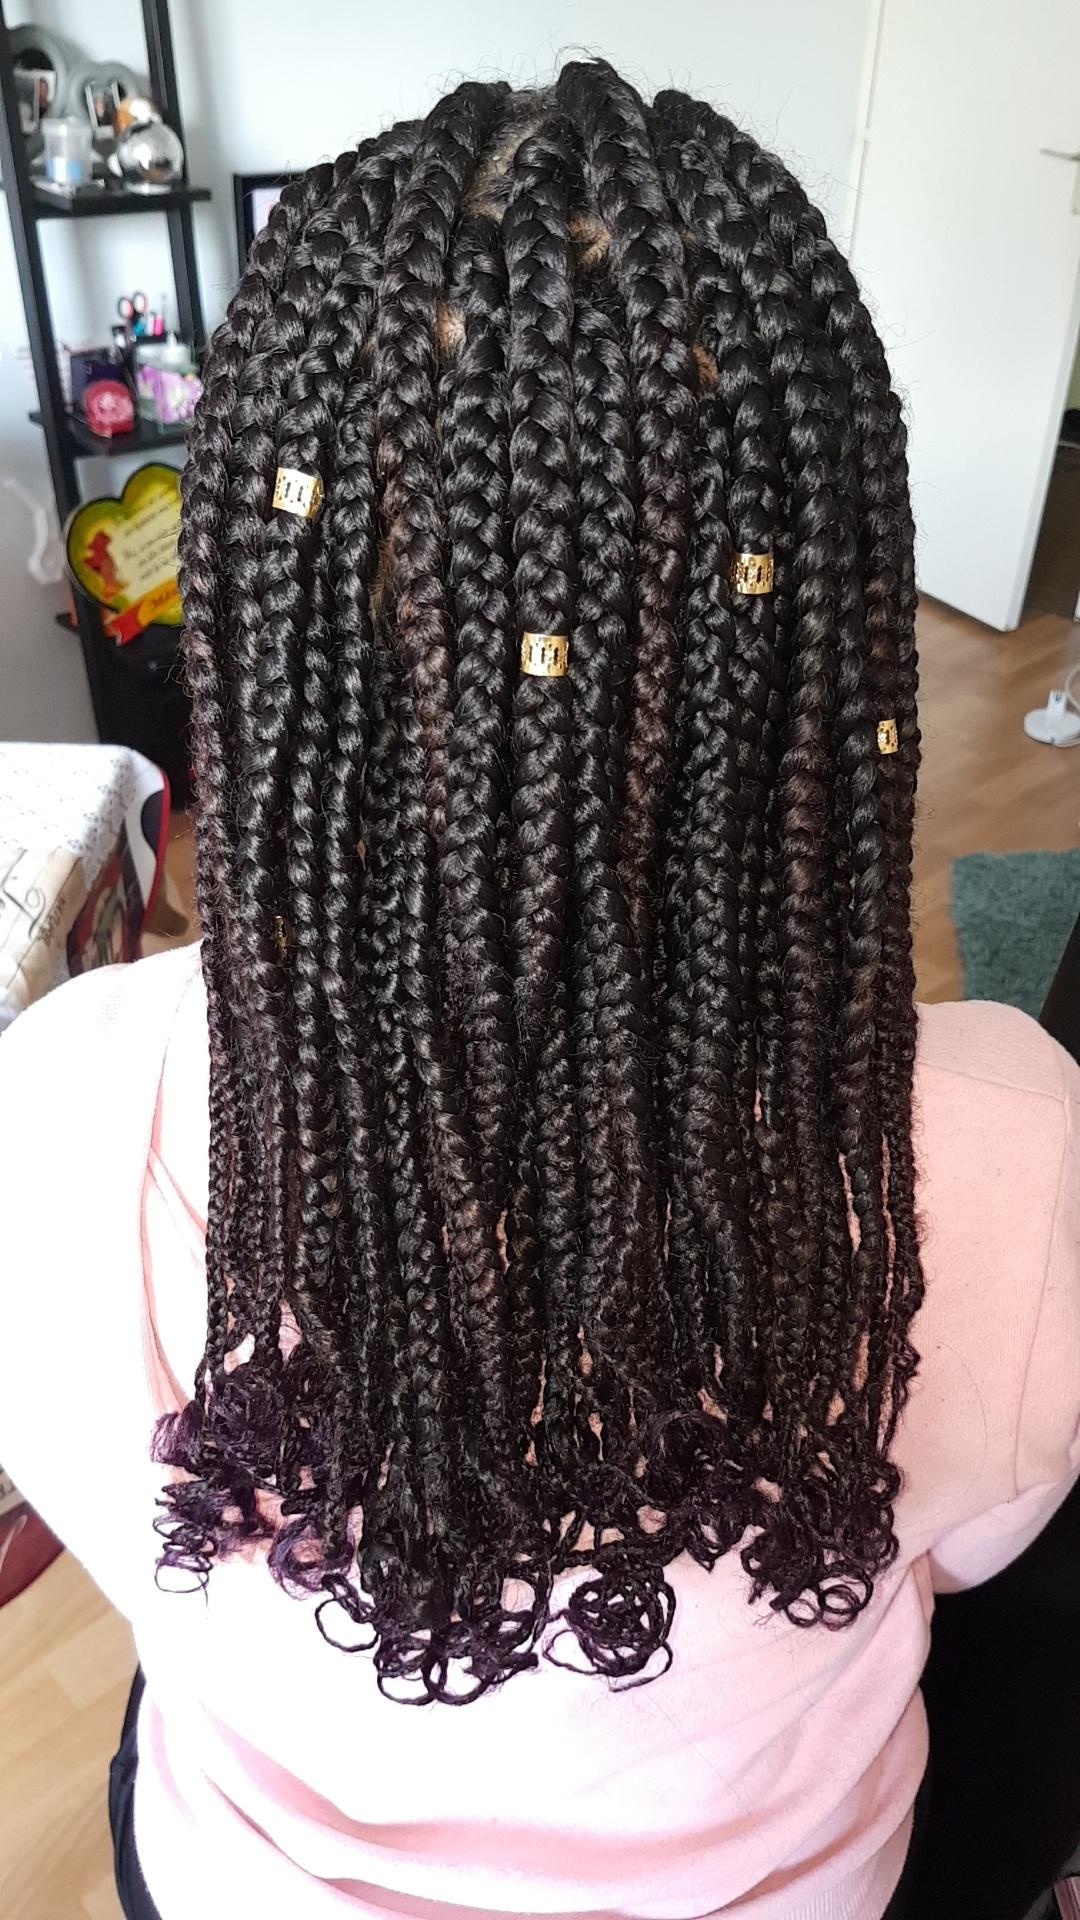 salon de coiffure afro tresse tresses box braids crochet braids vanilles tissages paris 75 77 78 91 92 93 94 95 WQAUAUTK